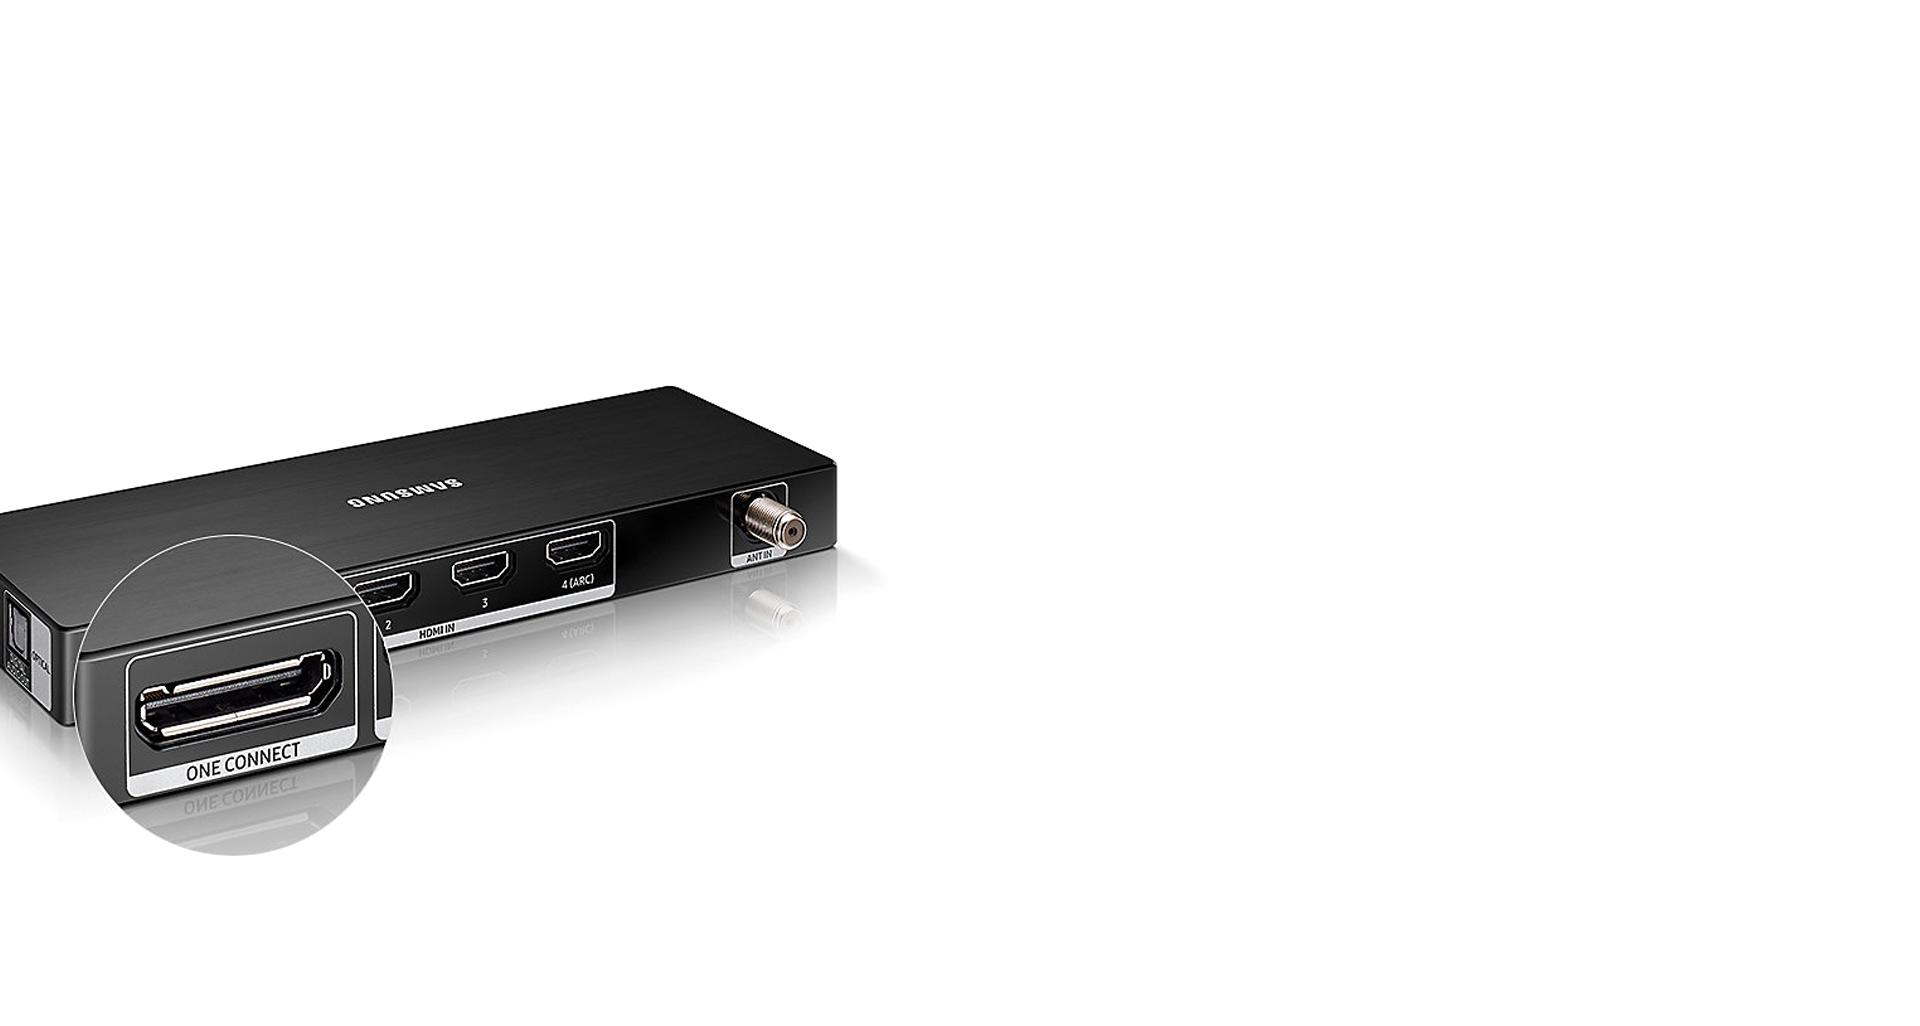 کنترل تلویزیون 4k سامسونگ با روشی نوین